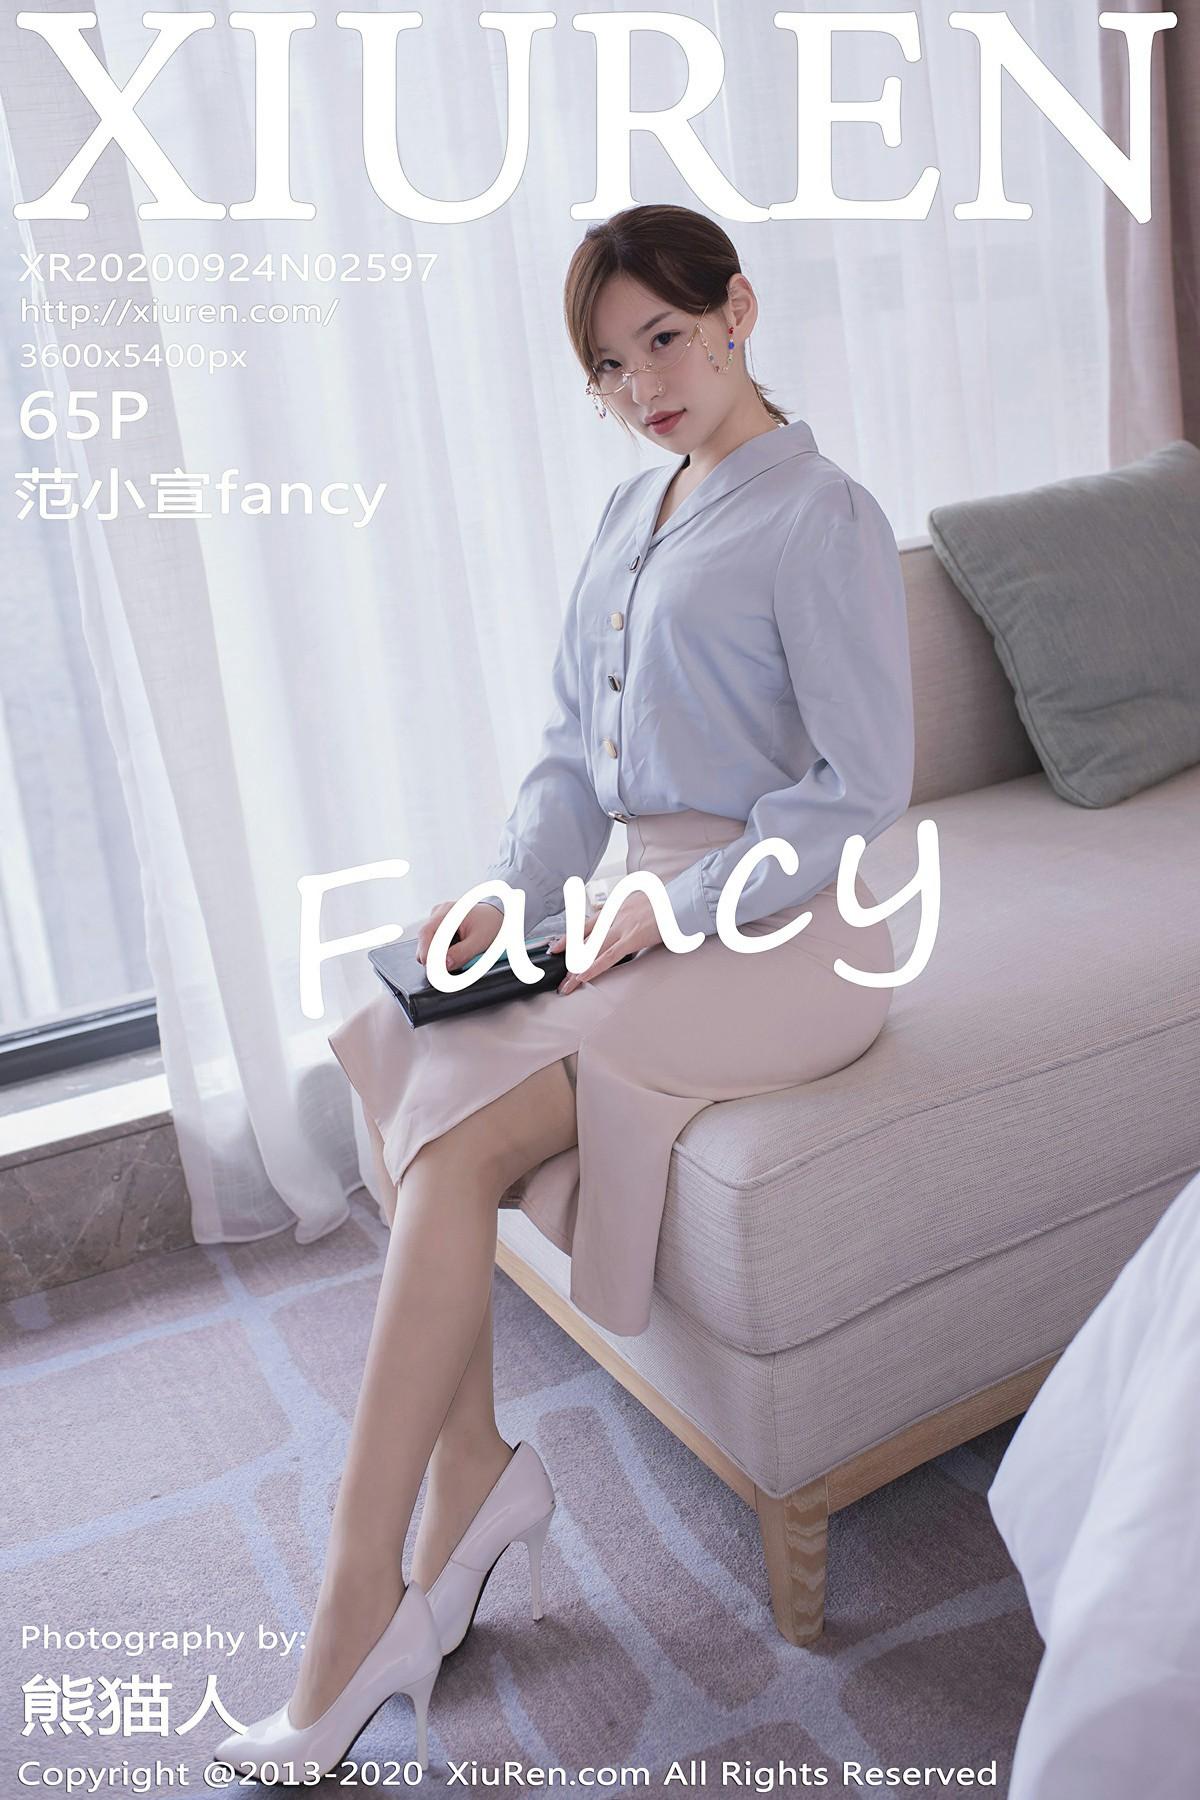 [XiuRen秀人网] 2020.09.24 No.2597 范小宣fancy 第1张